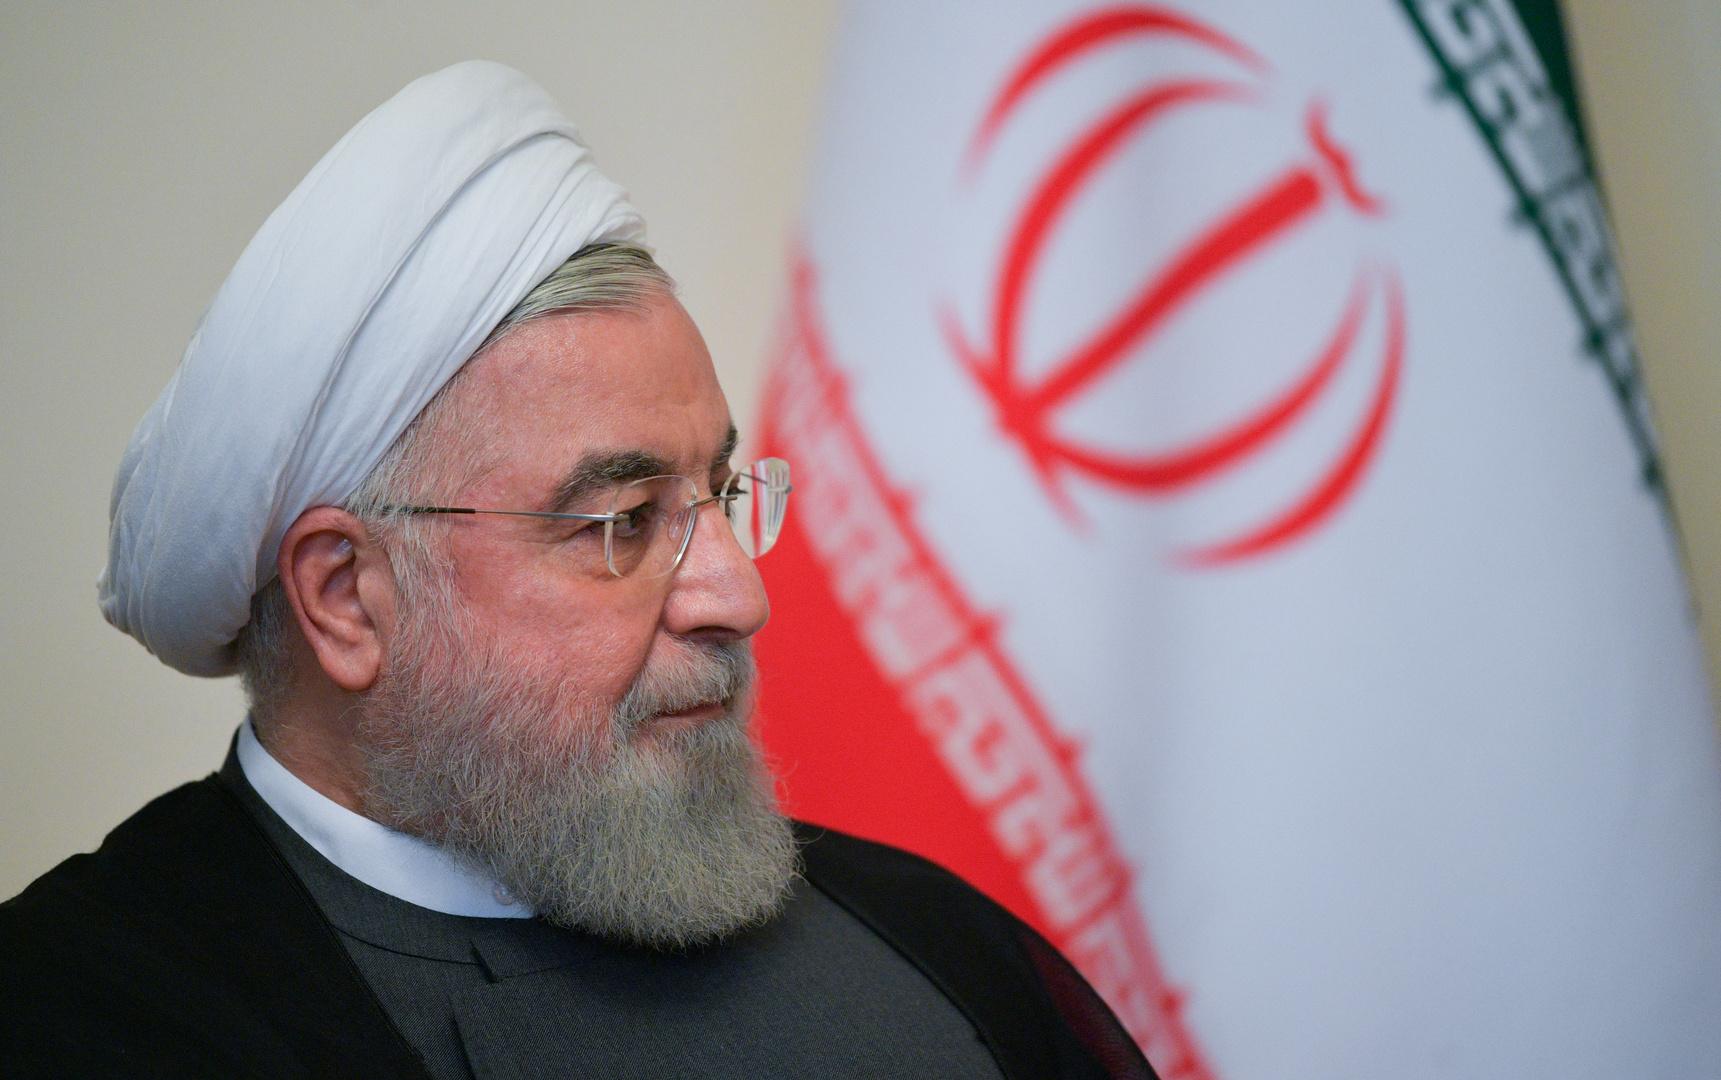 روحاني: سنرد بخطوات إيجابية على أي إجراءات أمريكية عملية في الاتفاق النووي